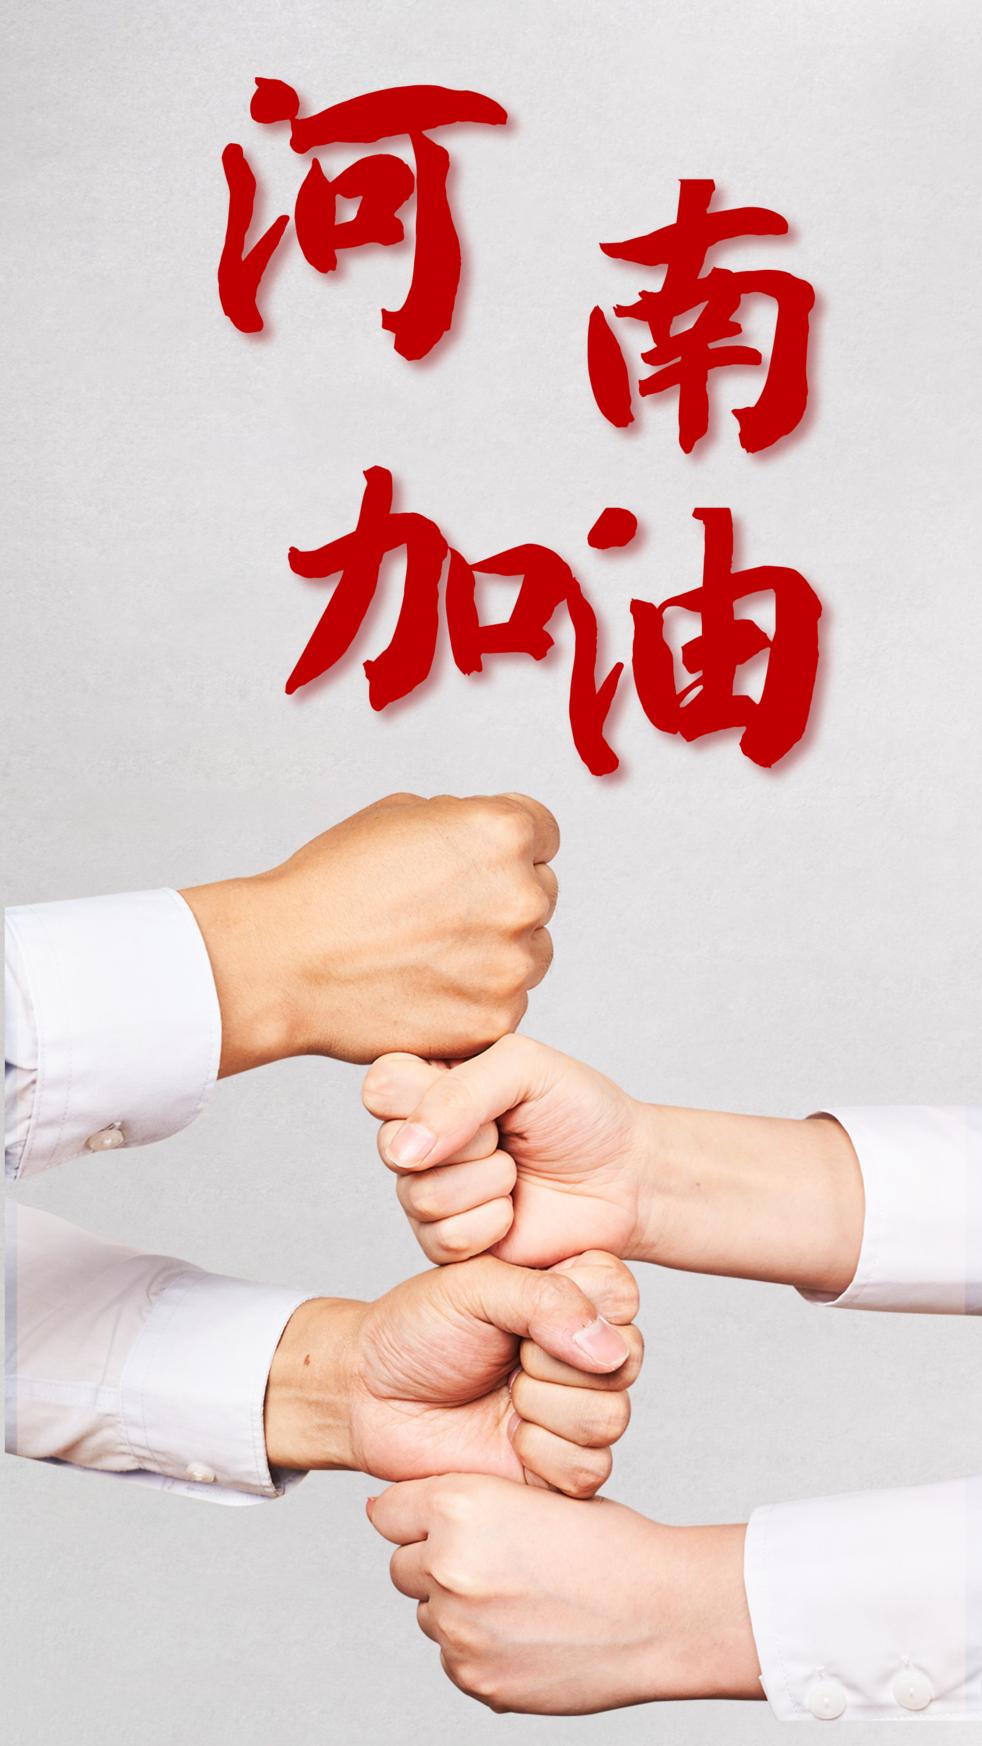 中国地质大学(武汉)党委书记黄晓玫校长王焰新致河南校友的慰问信